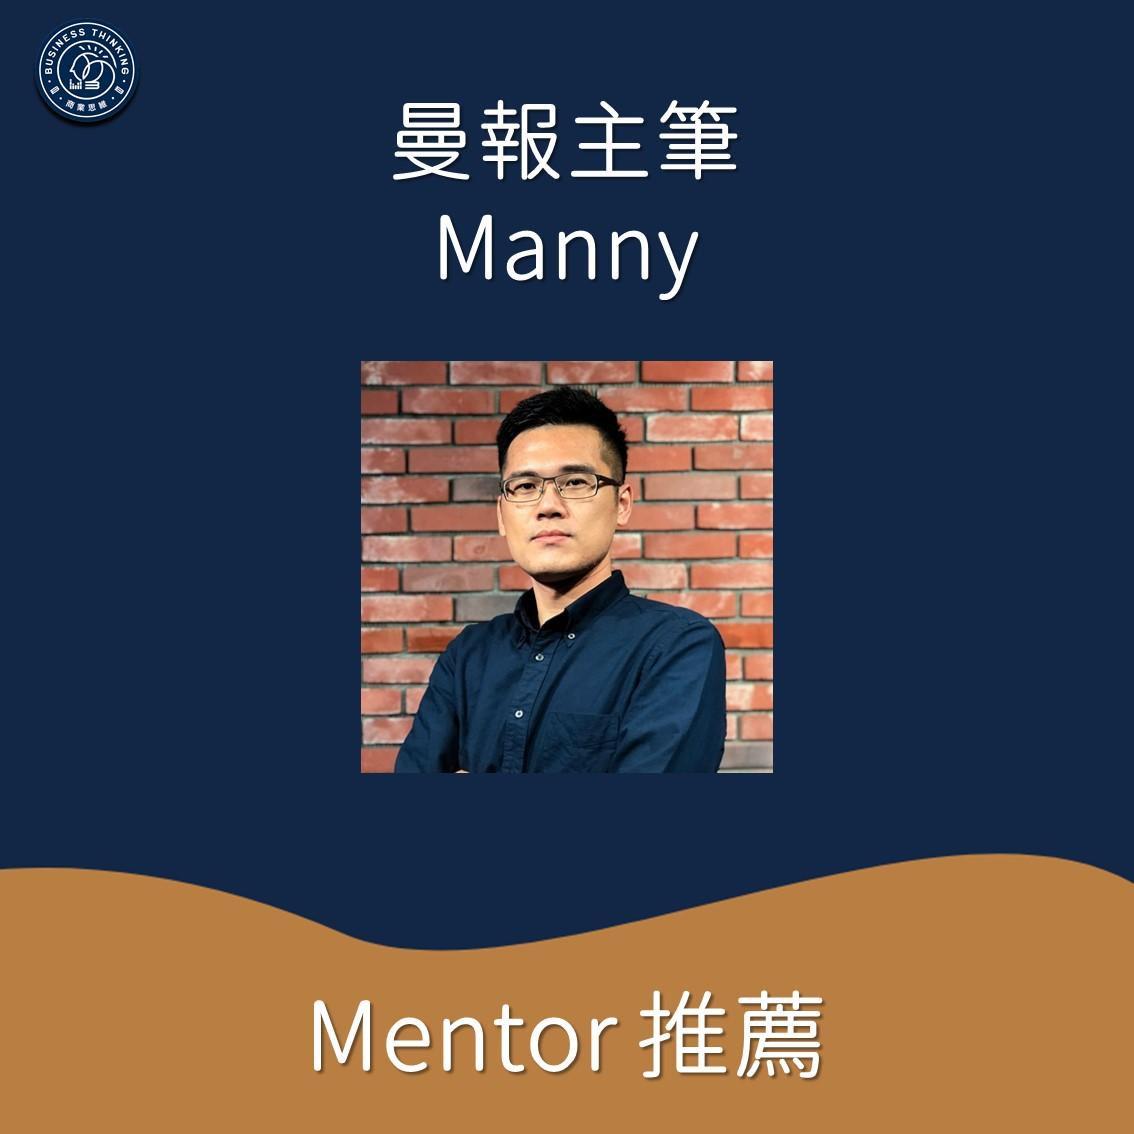 商業思維學院Mentor-Manny推薦